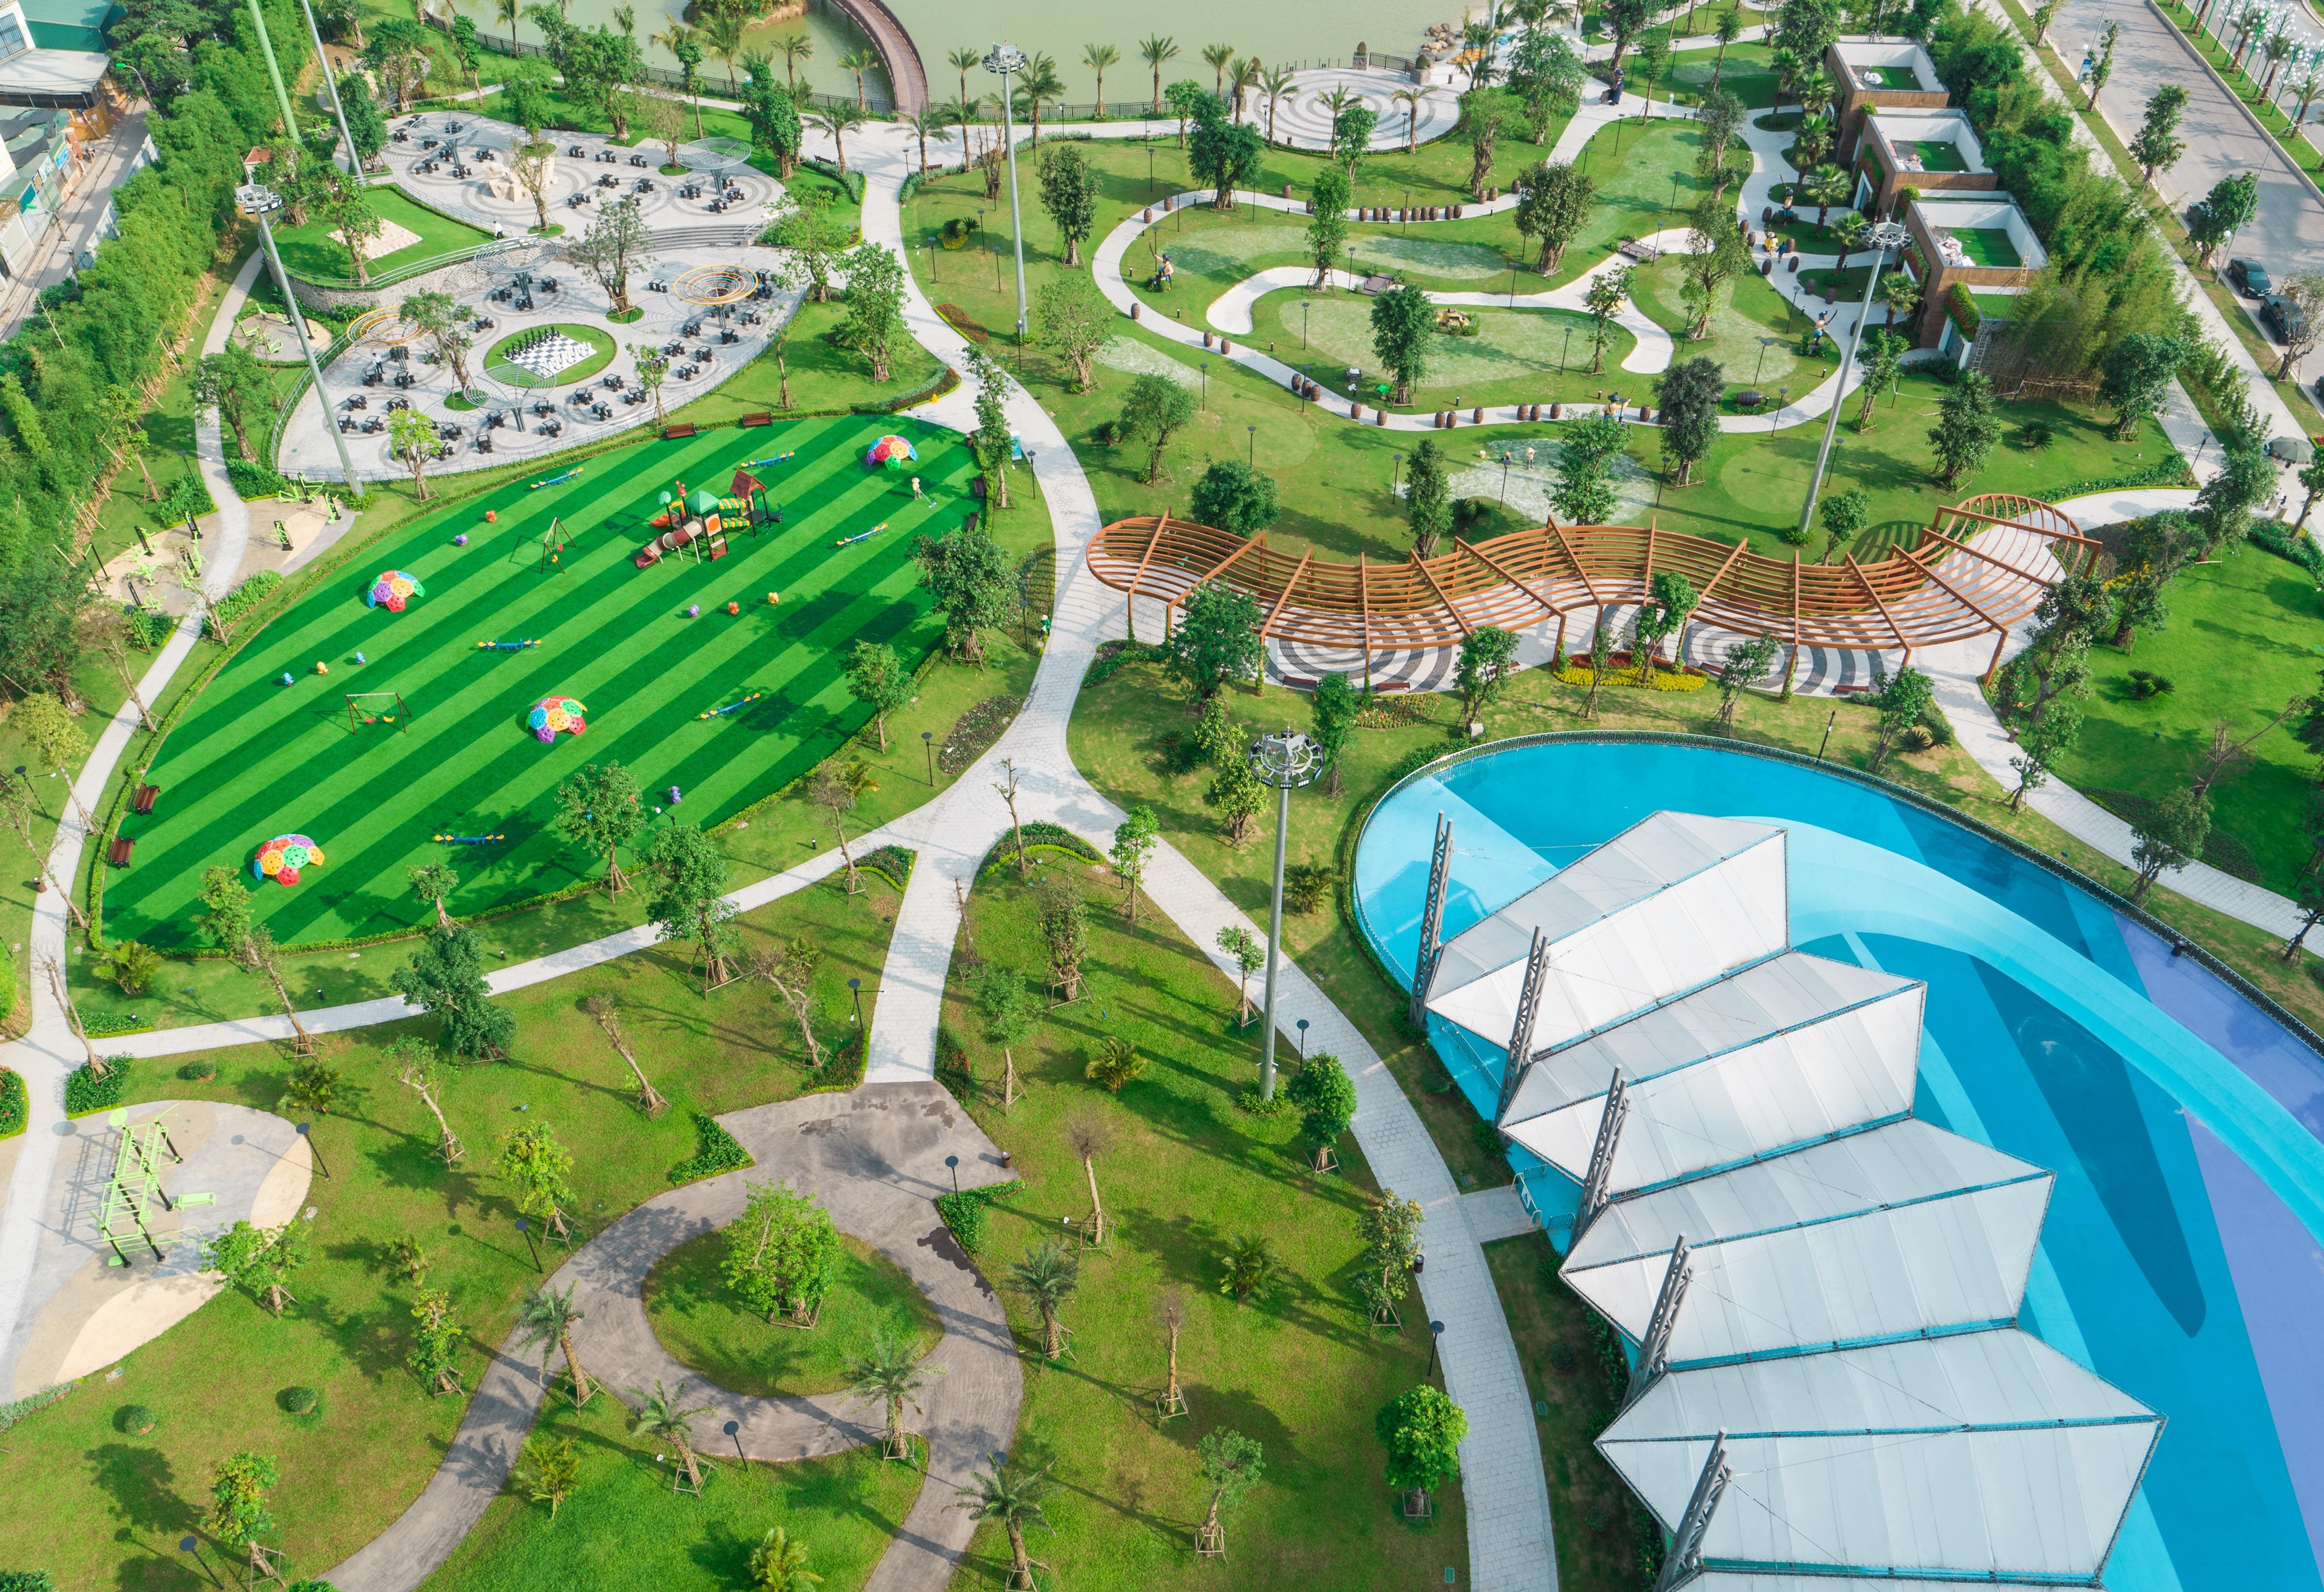 Công viên thể thao 15 chủ đề với hơn 1000 máy tập trong khu đô thị